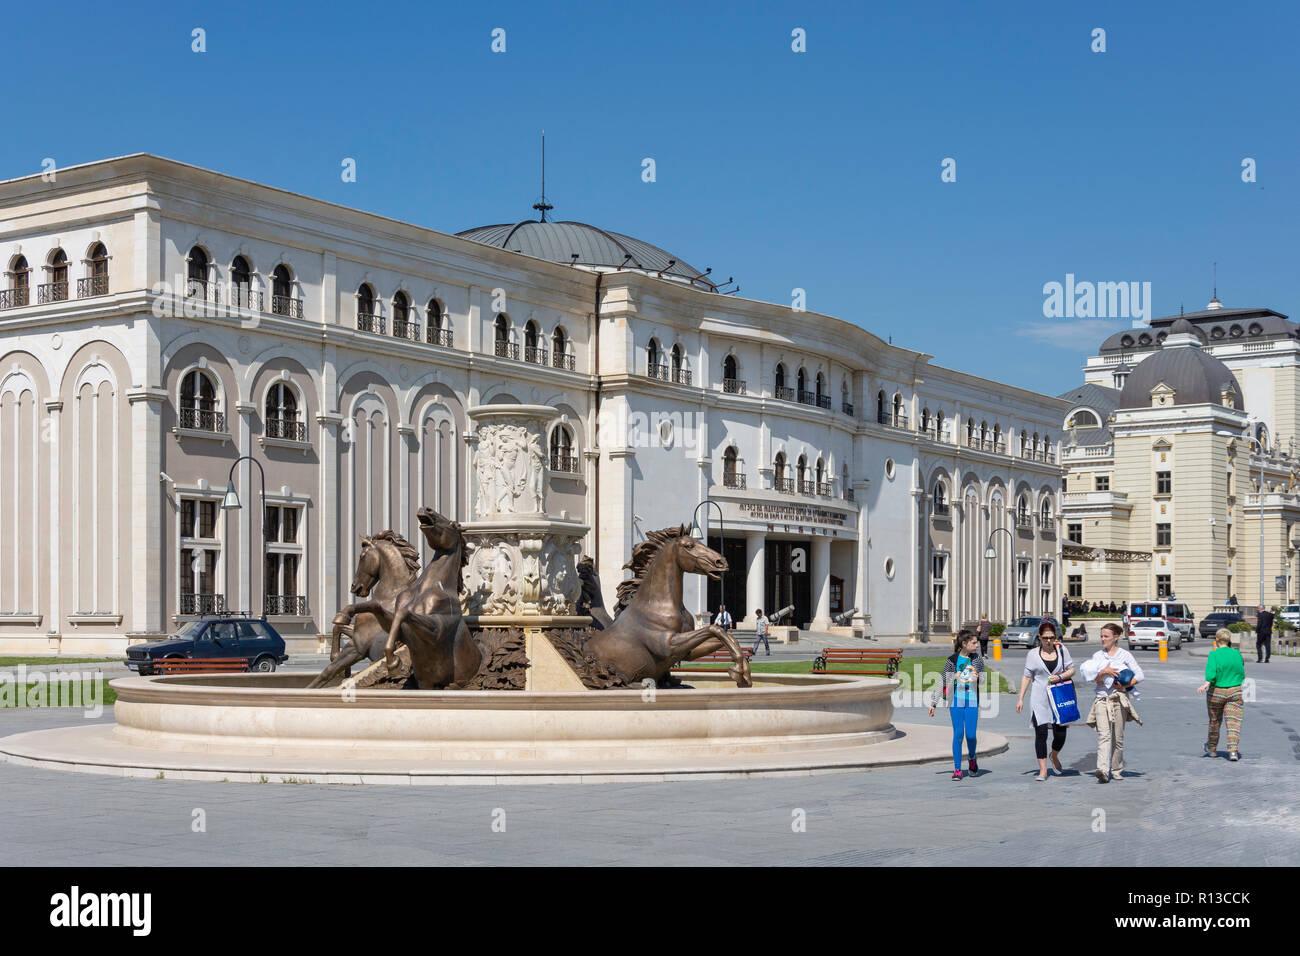 Museum of the Macedonian Struggle, Iljo Vojvoda, Skopje, Skopje Region, Republic of North Macedonia - Stock Image